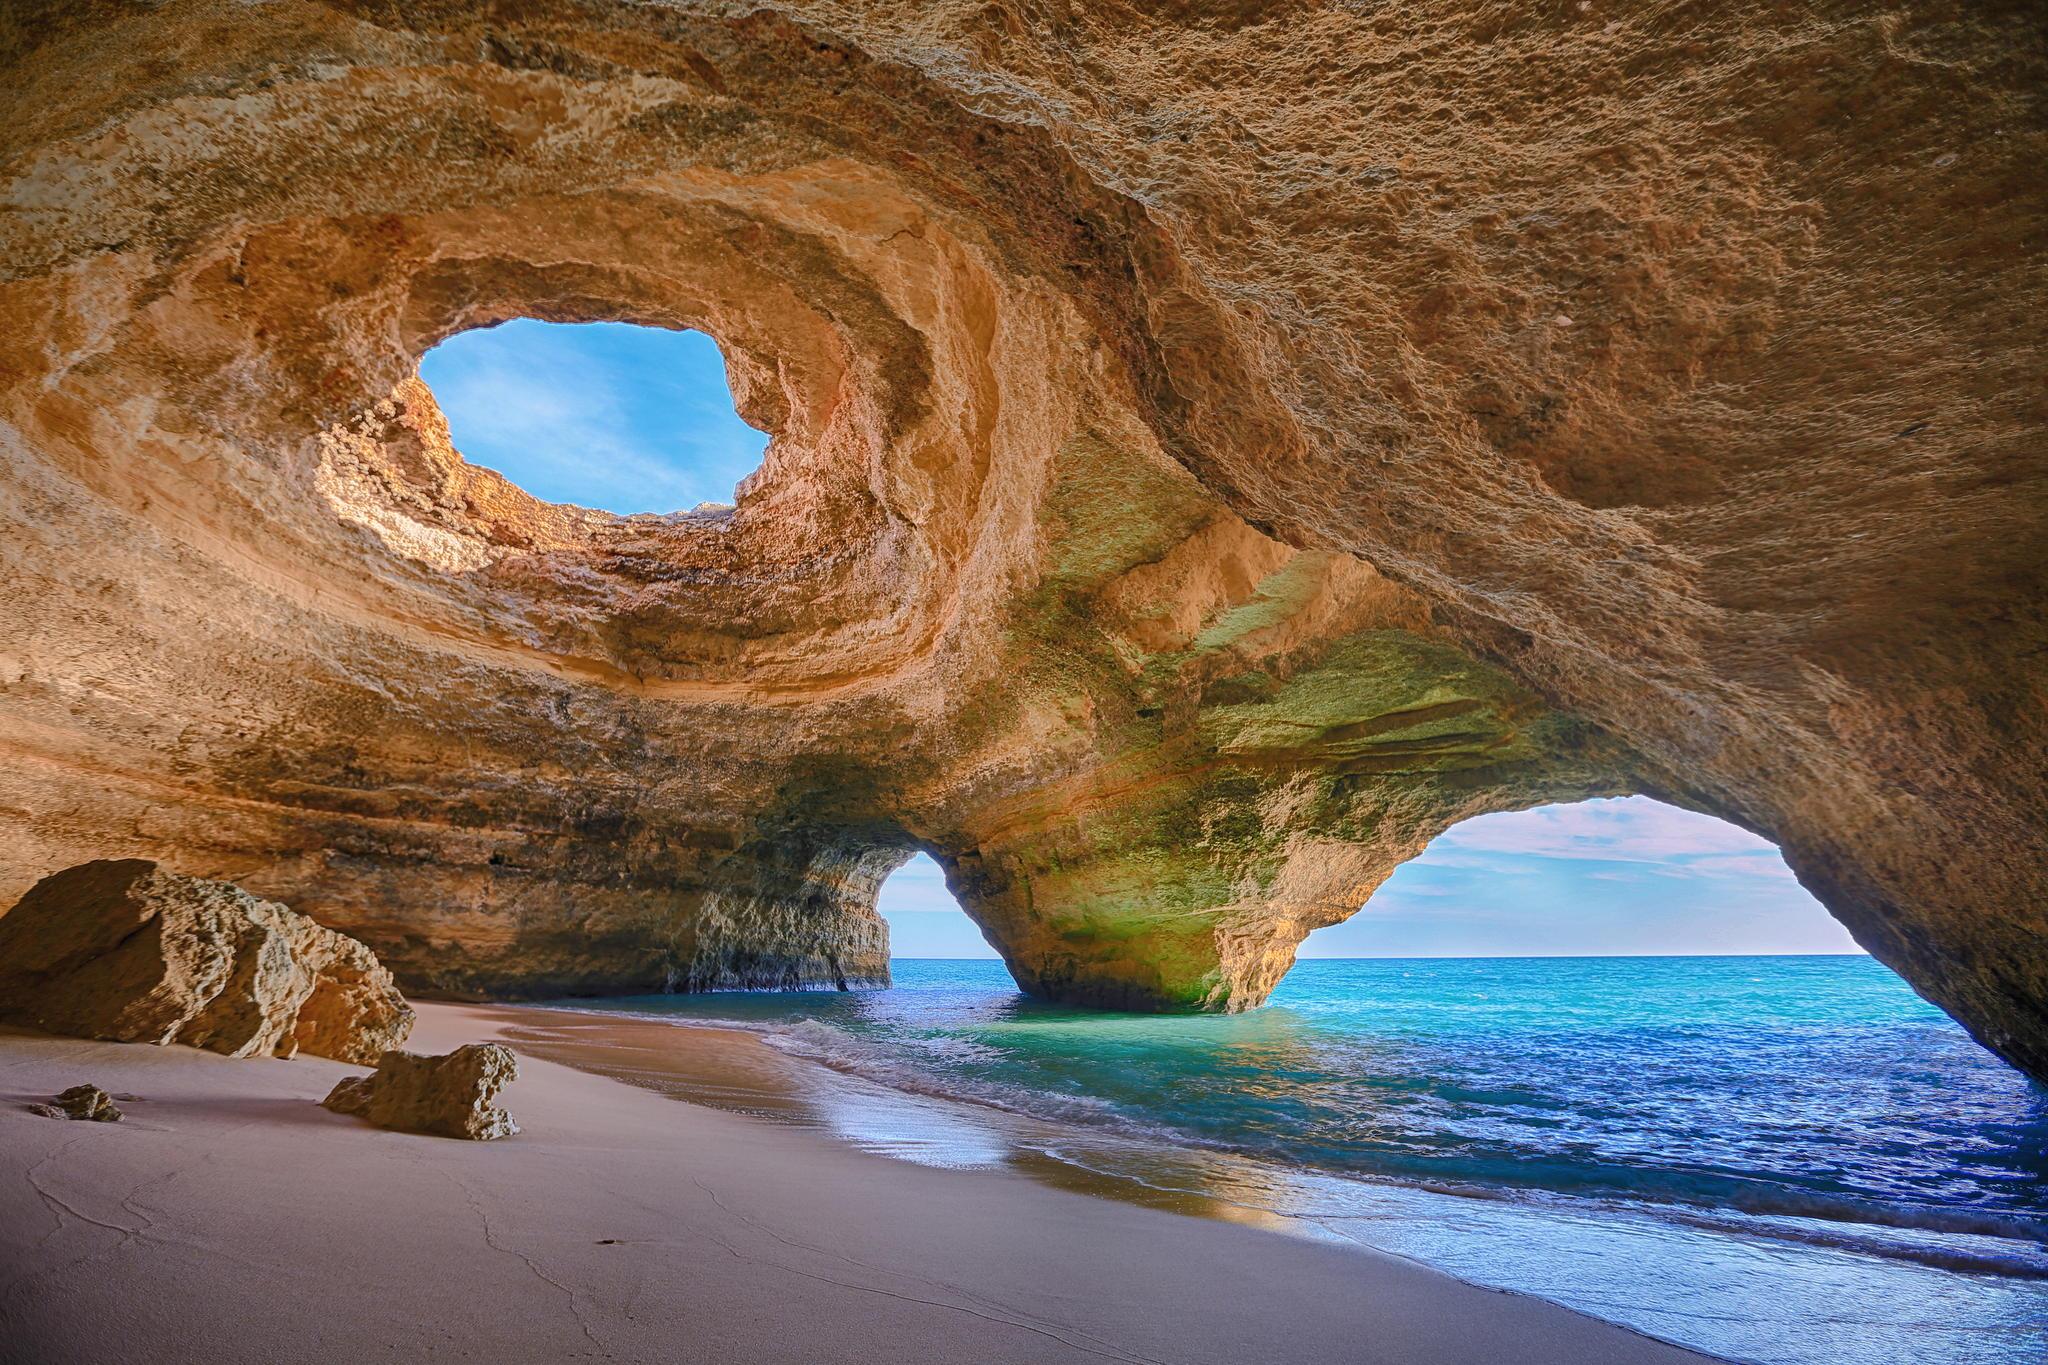 Epic caves in Algarve, Portugal.